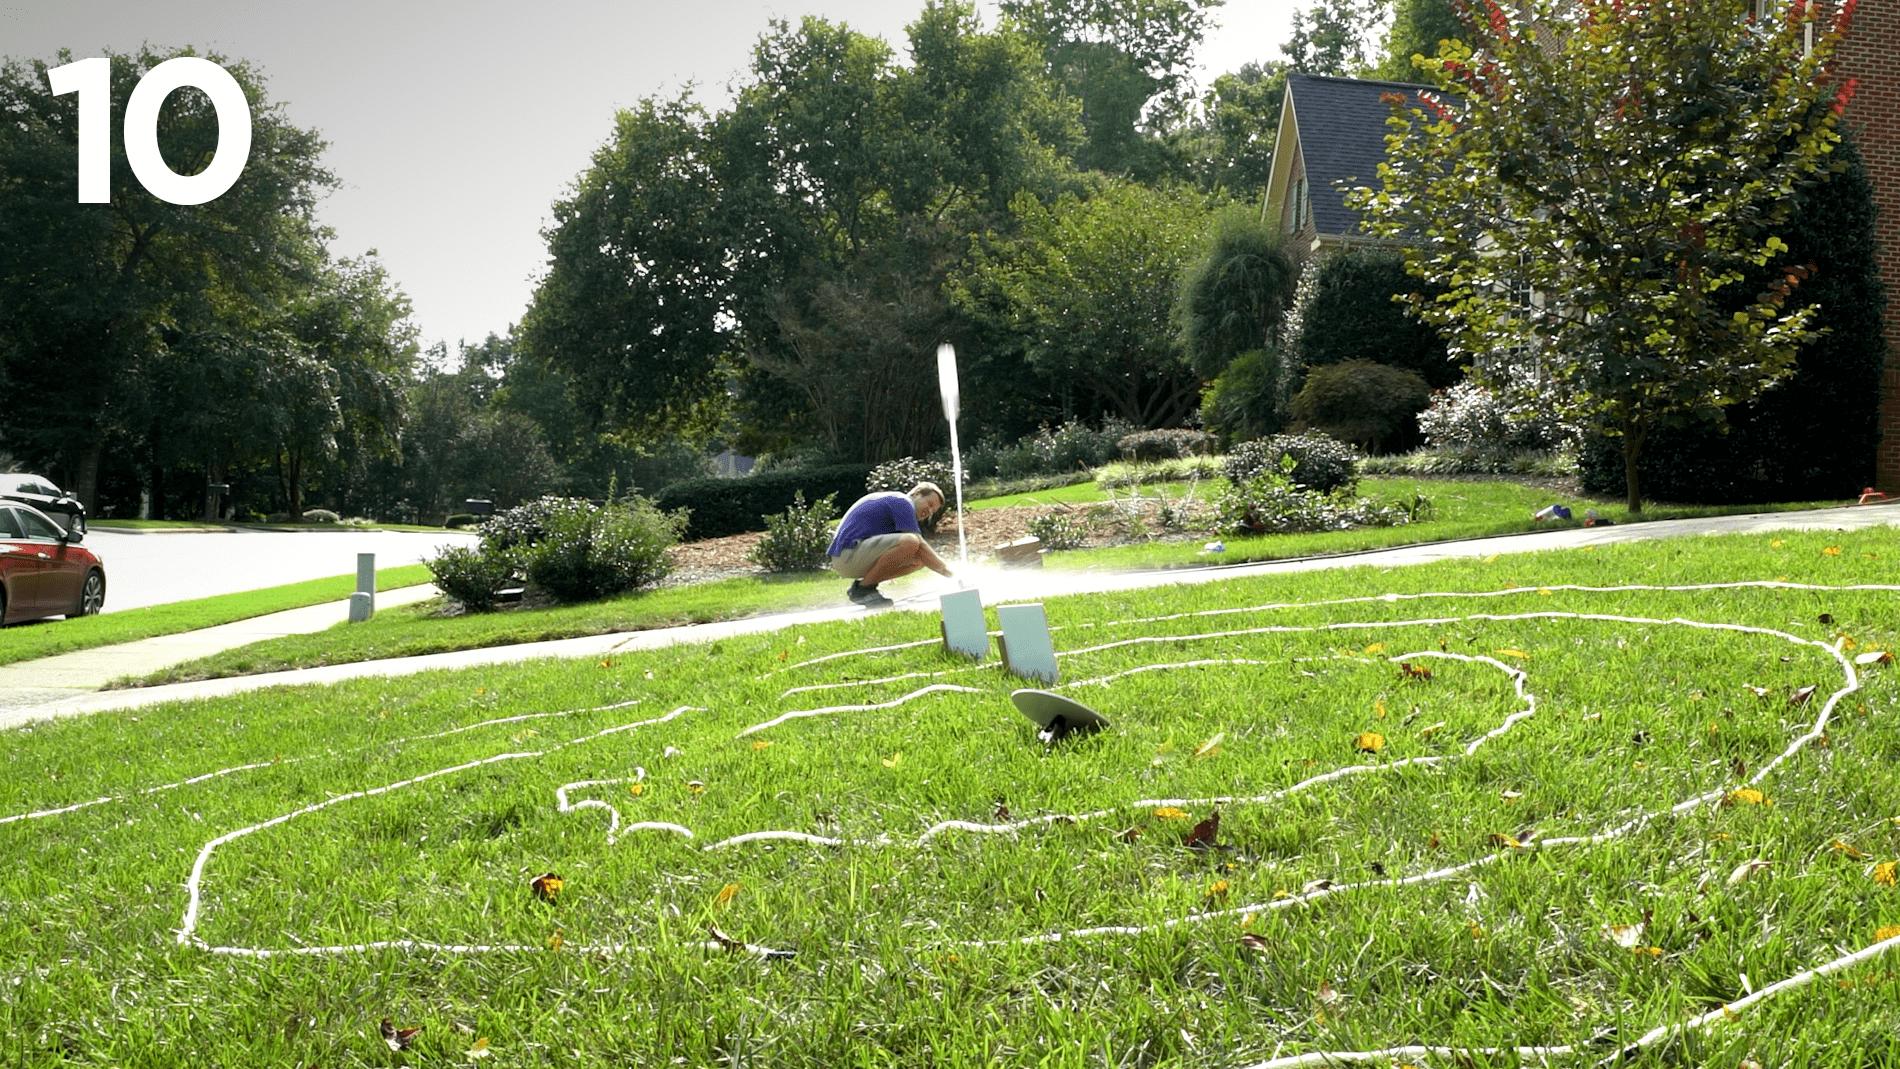 STEM at Home: Bottle Rocket 10